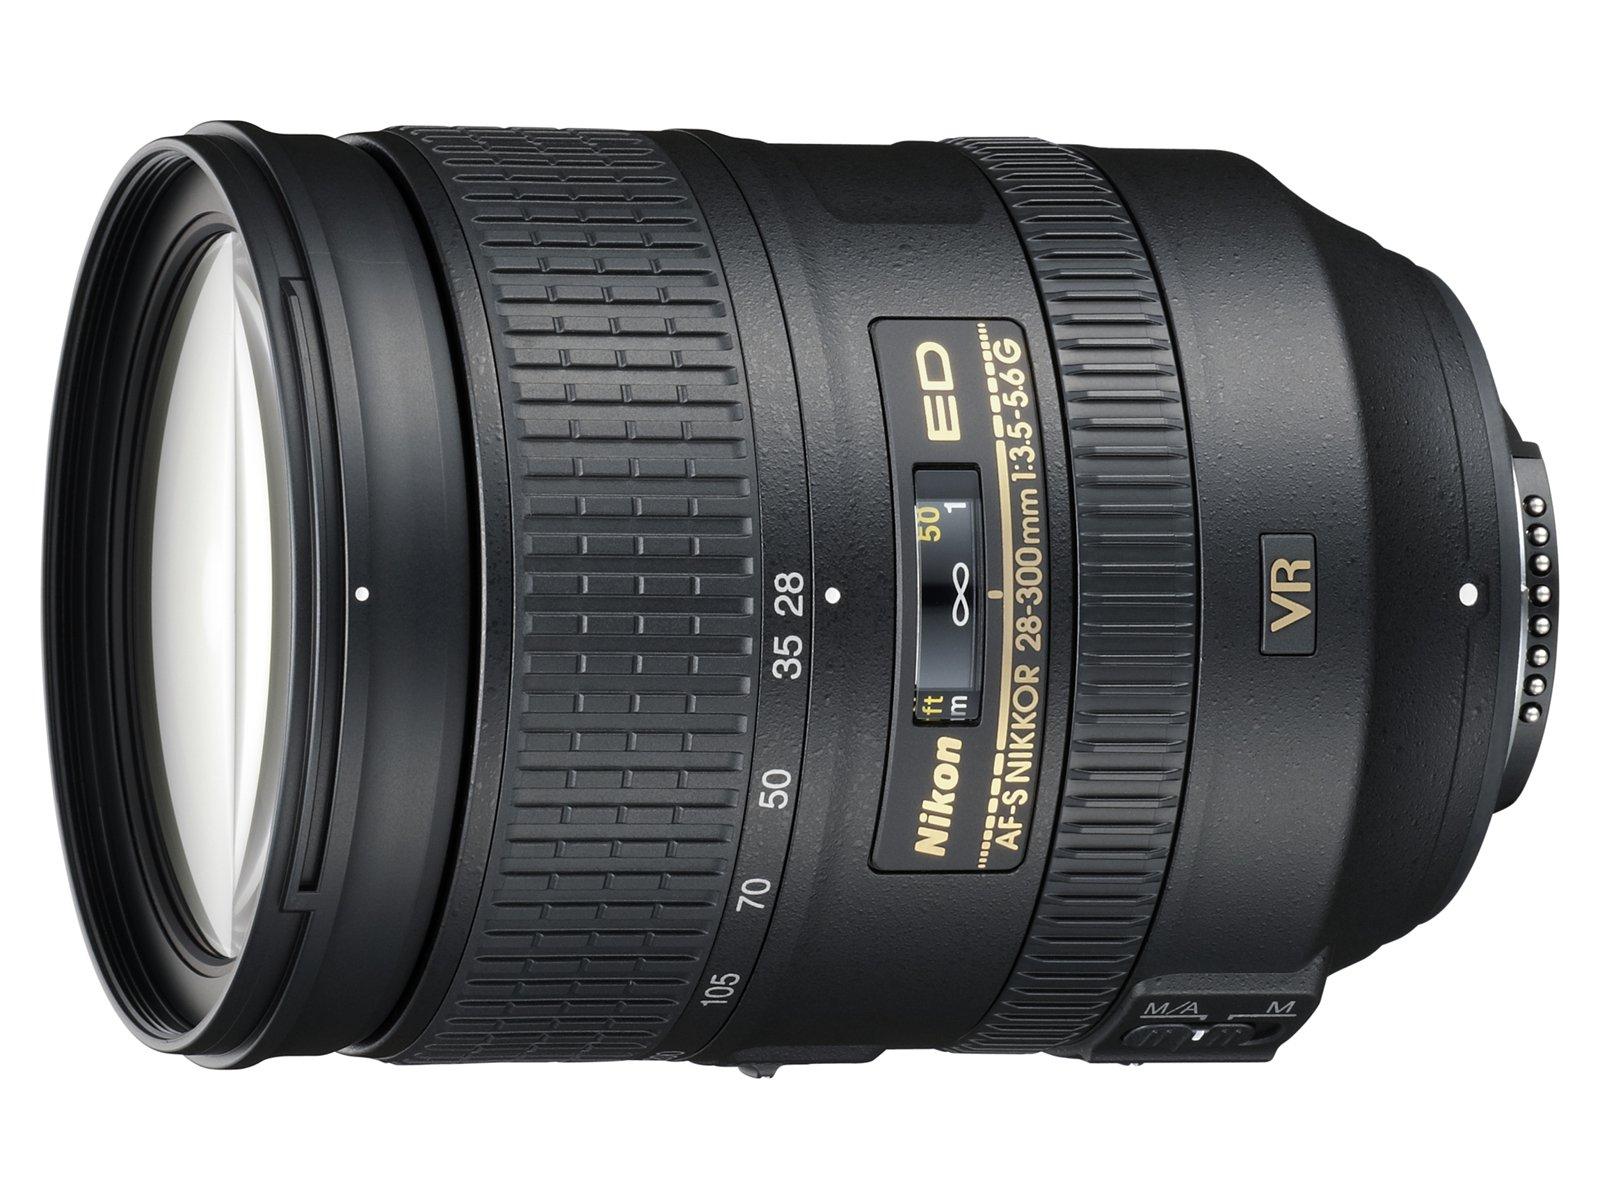 Nikon AF-S FX NIKKOR 28-300mm f/3.5-5.6G ED Vibration Reduction Zoom Lens with Auto Focus for Nikon DSLR Cameras by Nikon